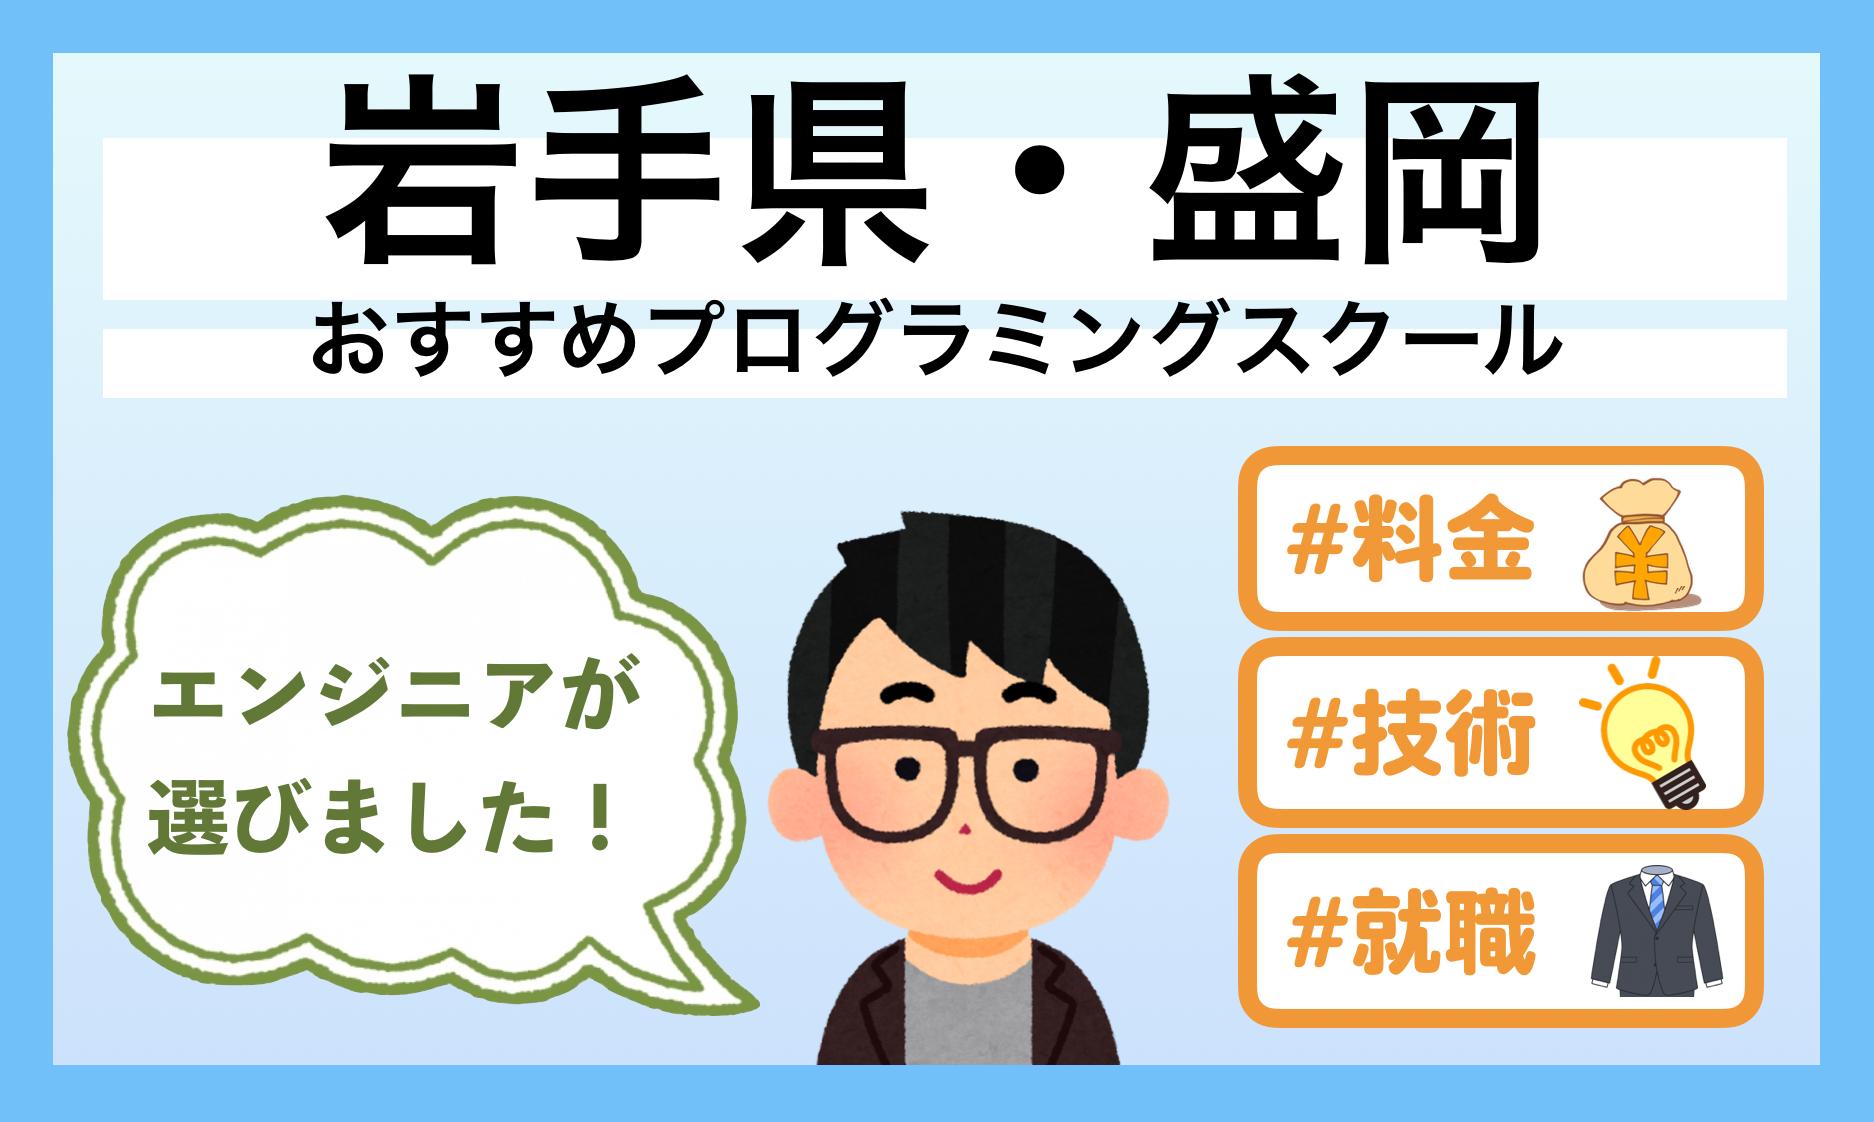 【徹底比較】 岩手県のおすすめプログラミングスクール11選| 無料・初心者・オンラインなど